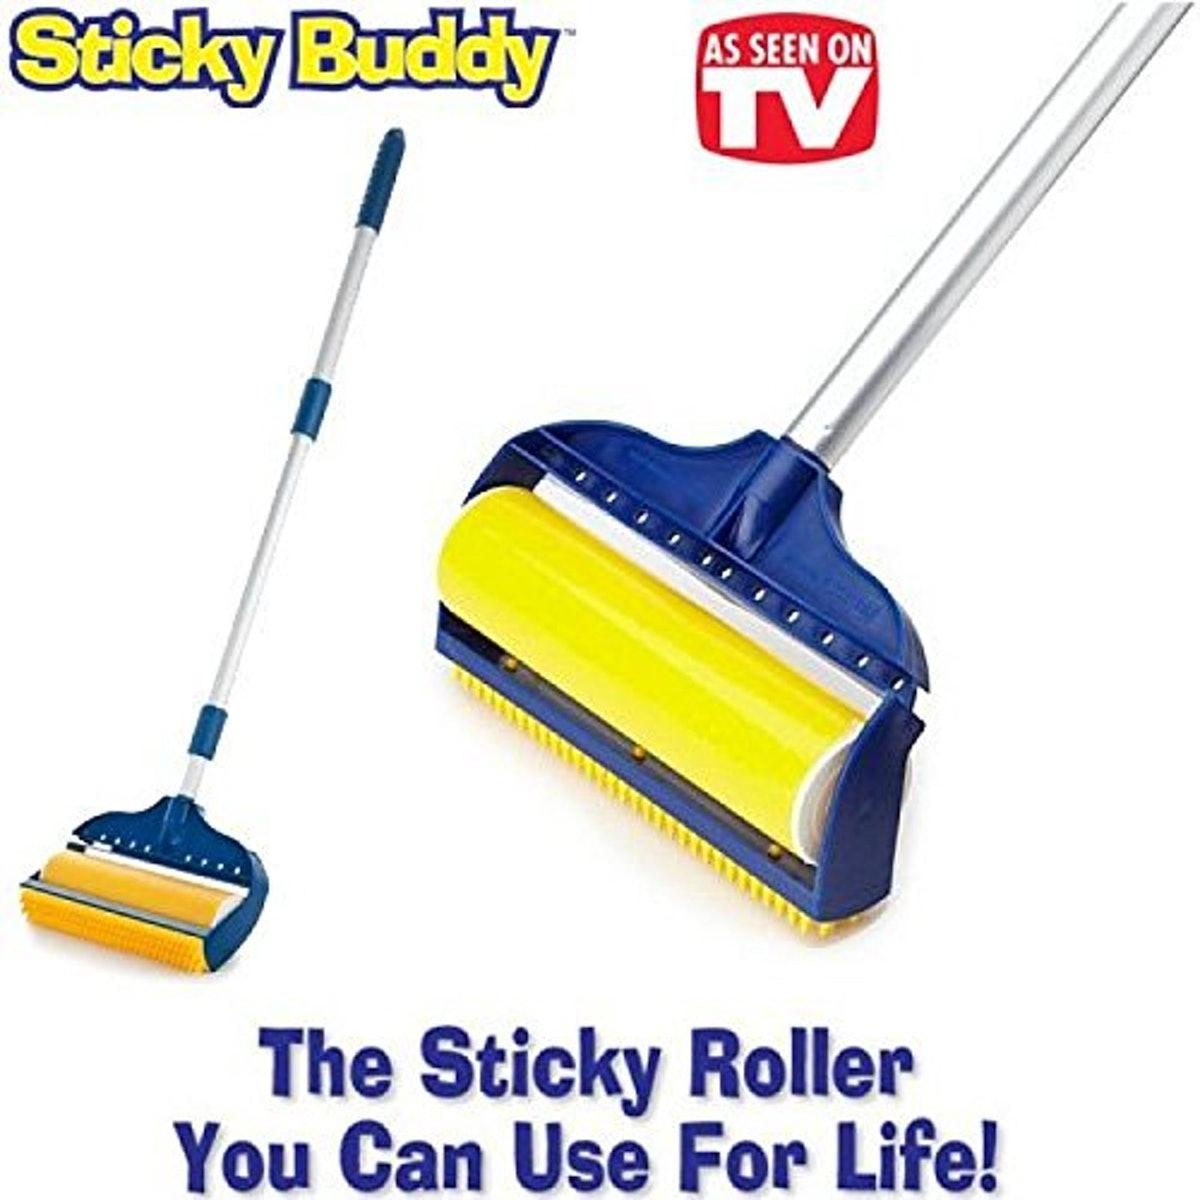 As Seen On TV Sticky Buddy,